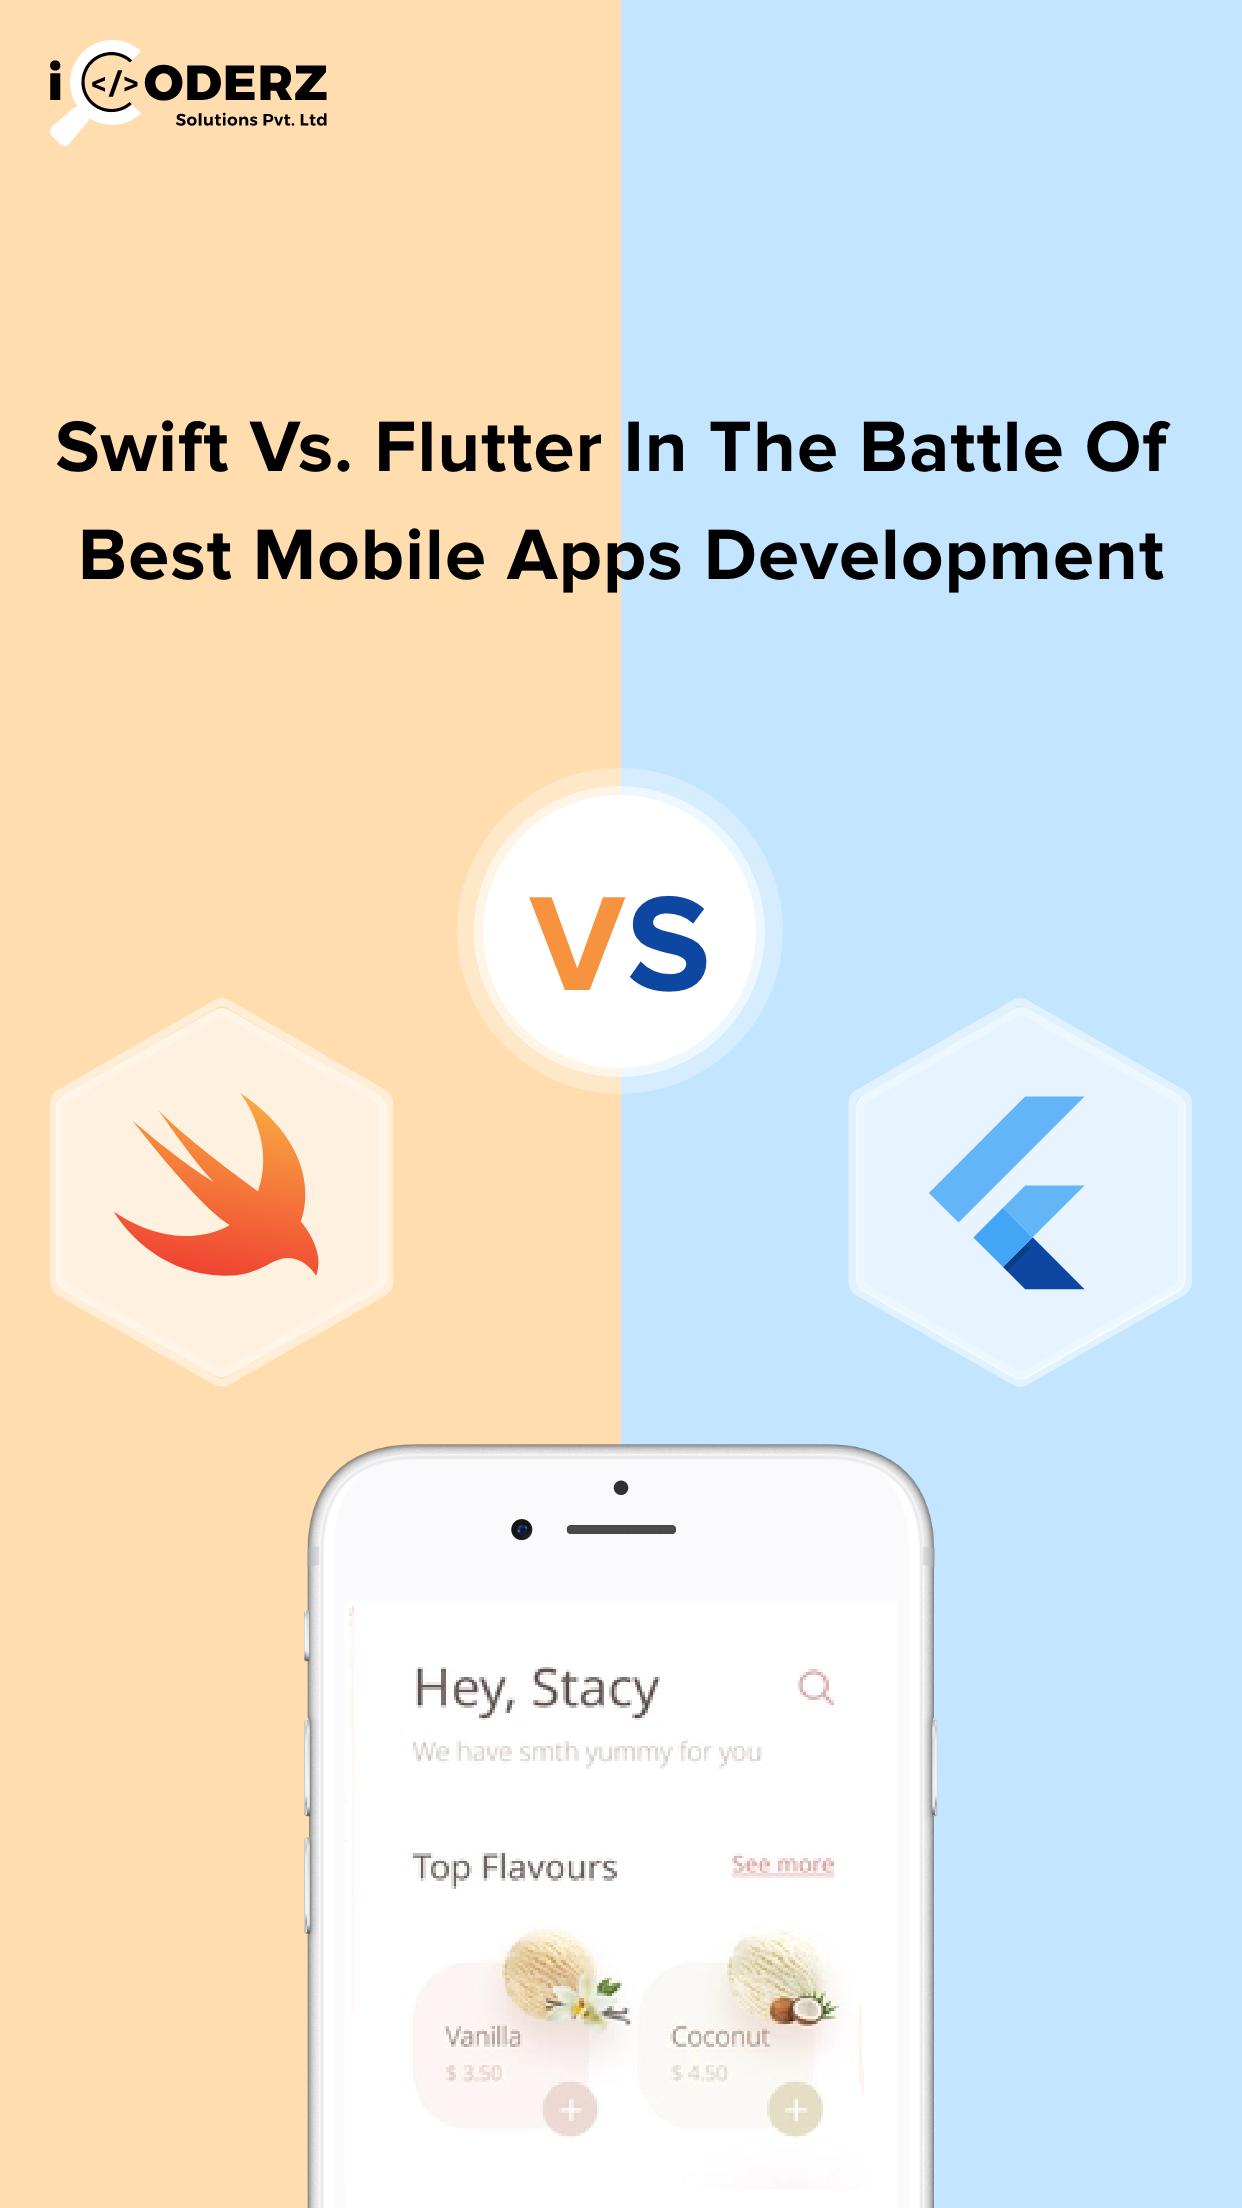 Swift Vs. Flutter in the Battle of Best Mobile Apps